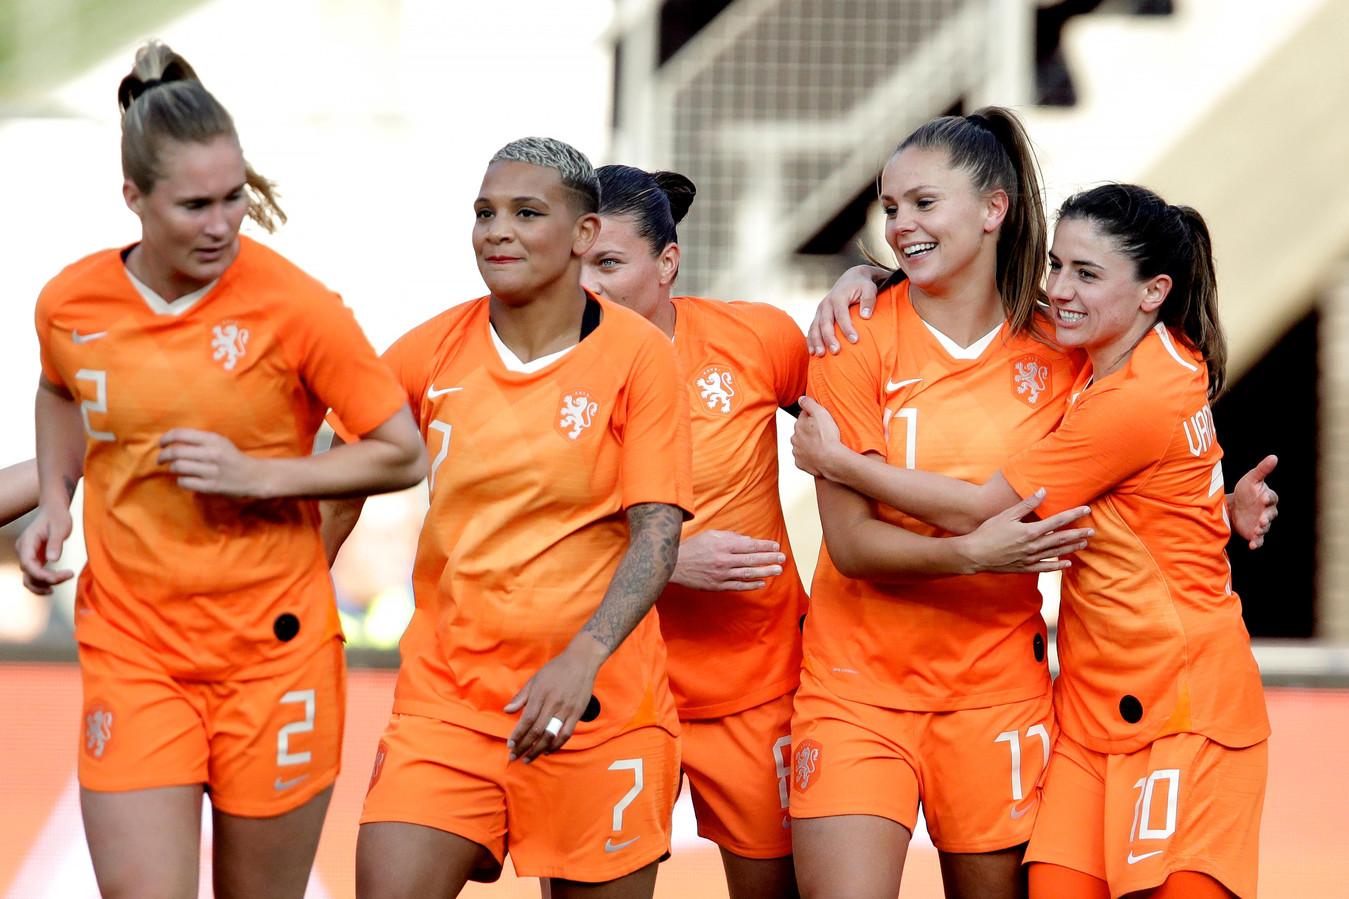 Shanice van de Sanden en Lieke Martens in de tenues van Oranje, waarin ze volgende maand weer hopen te schitteren op het WK in Frankrijk.